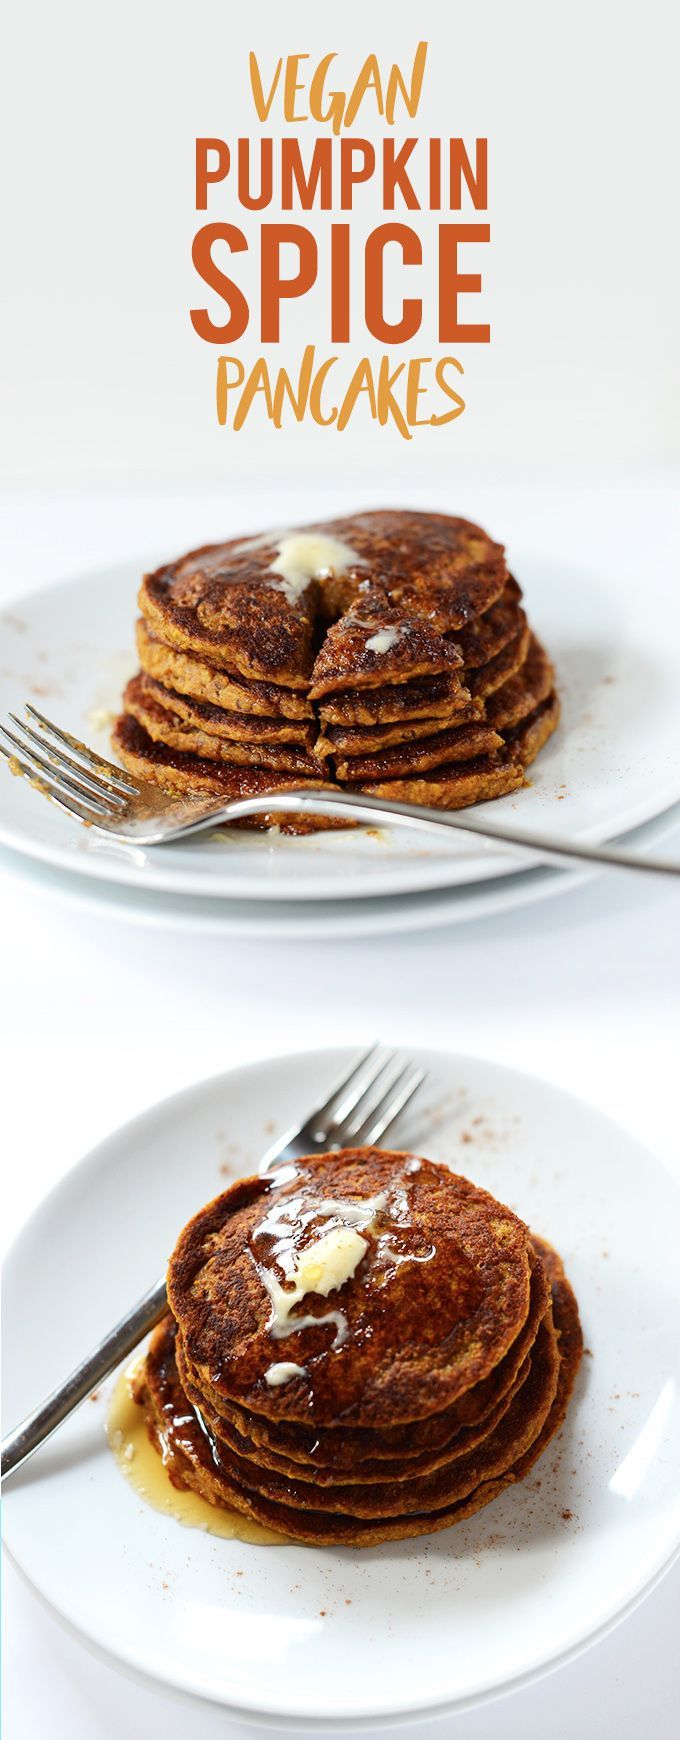 Best 25+ Vegan pumpkin pancakes ideas on Pinterest | Paleo pumpkin ...